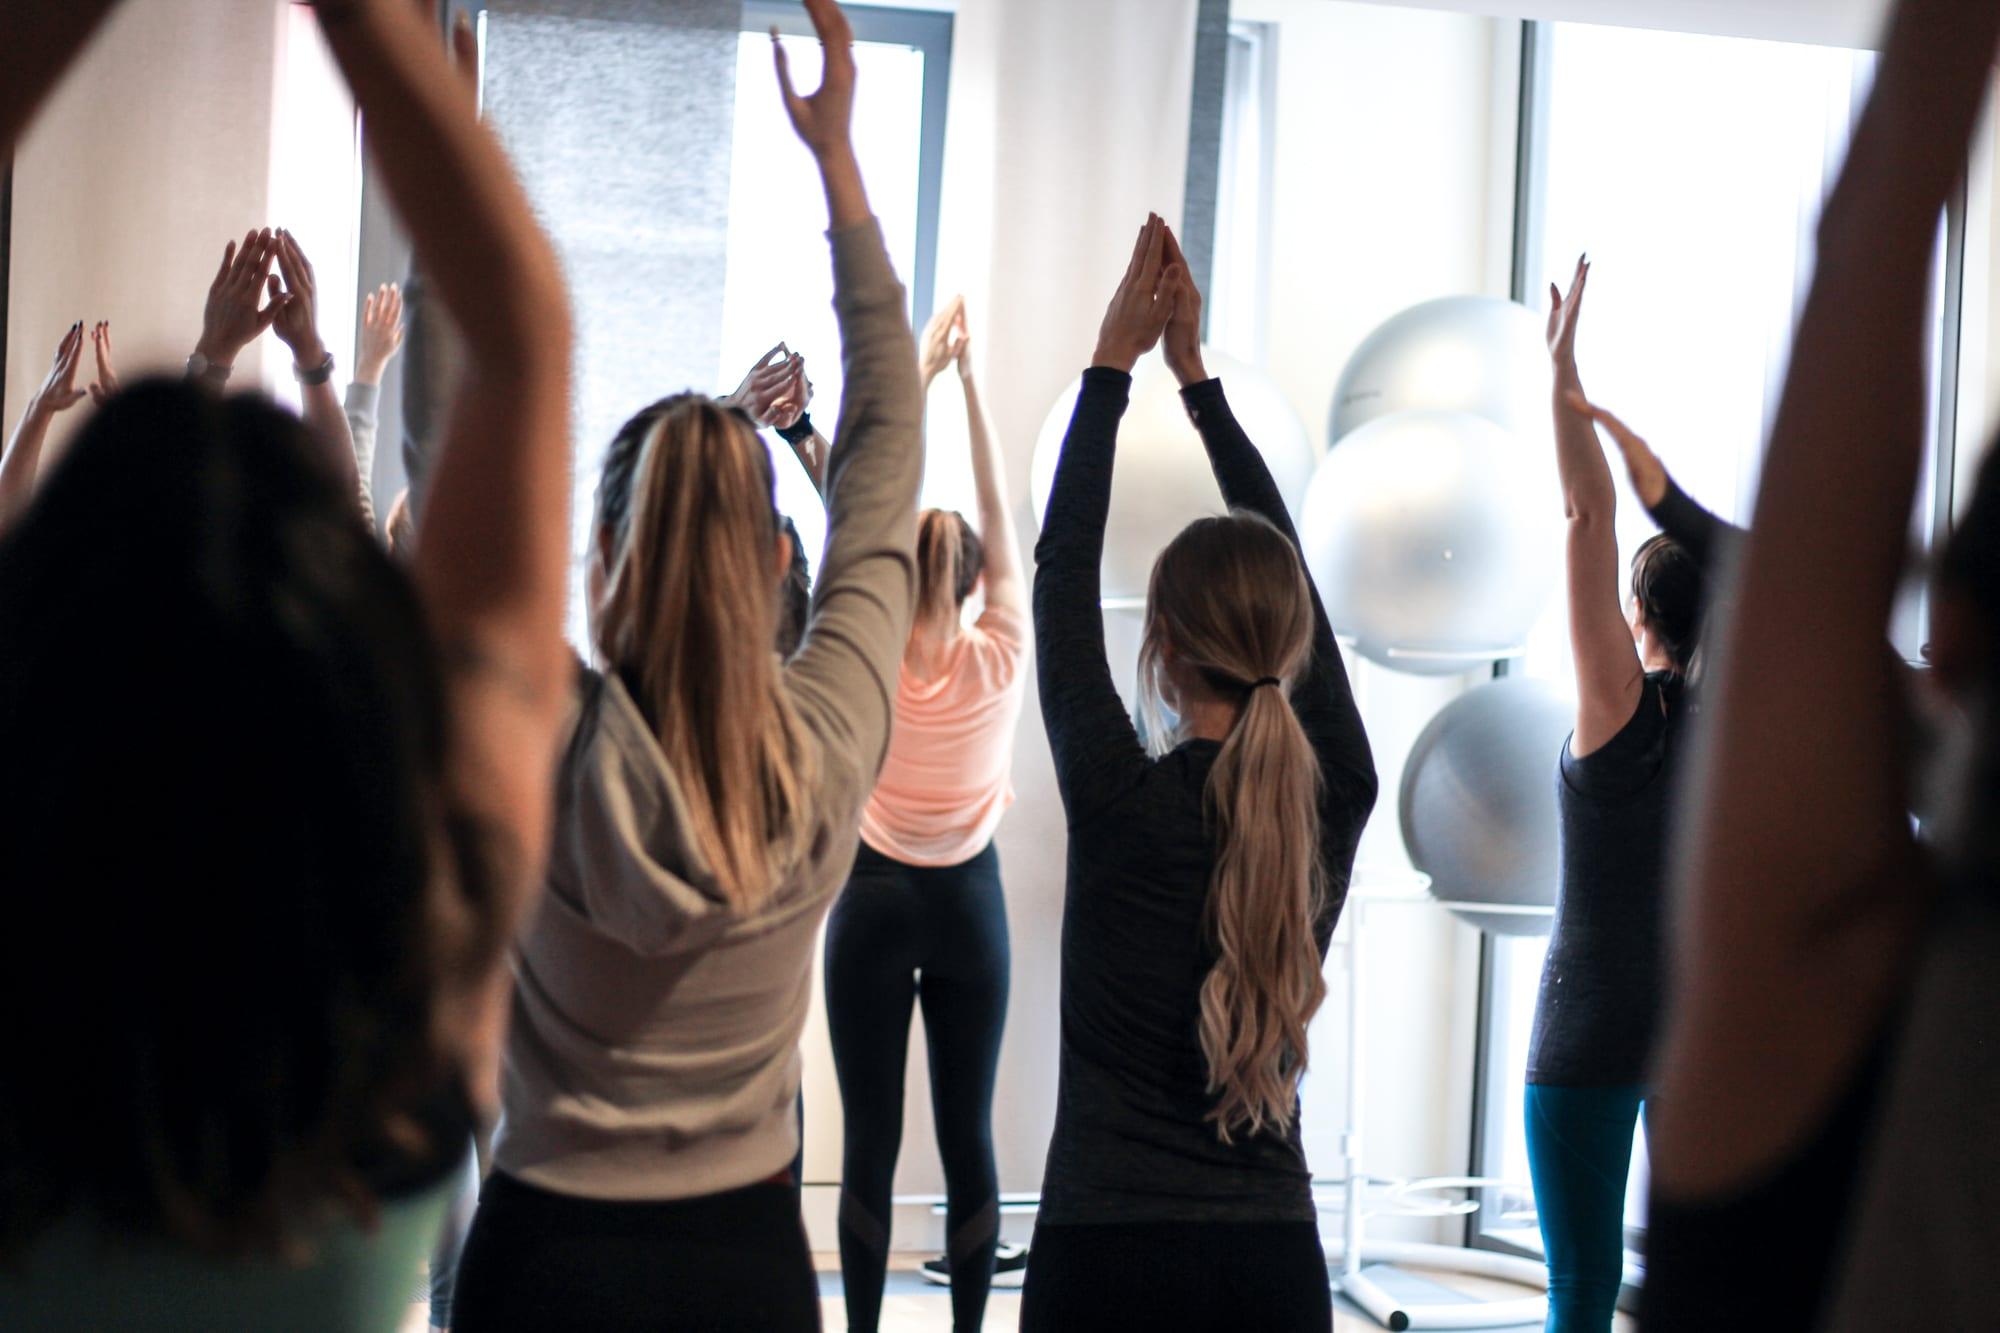 weltfrauentag lookfantastoc myprotein yoga